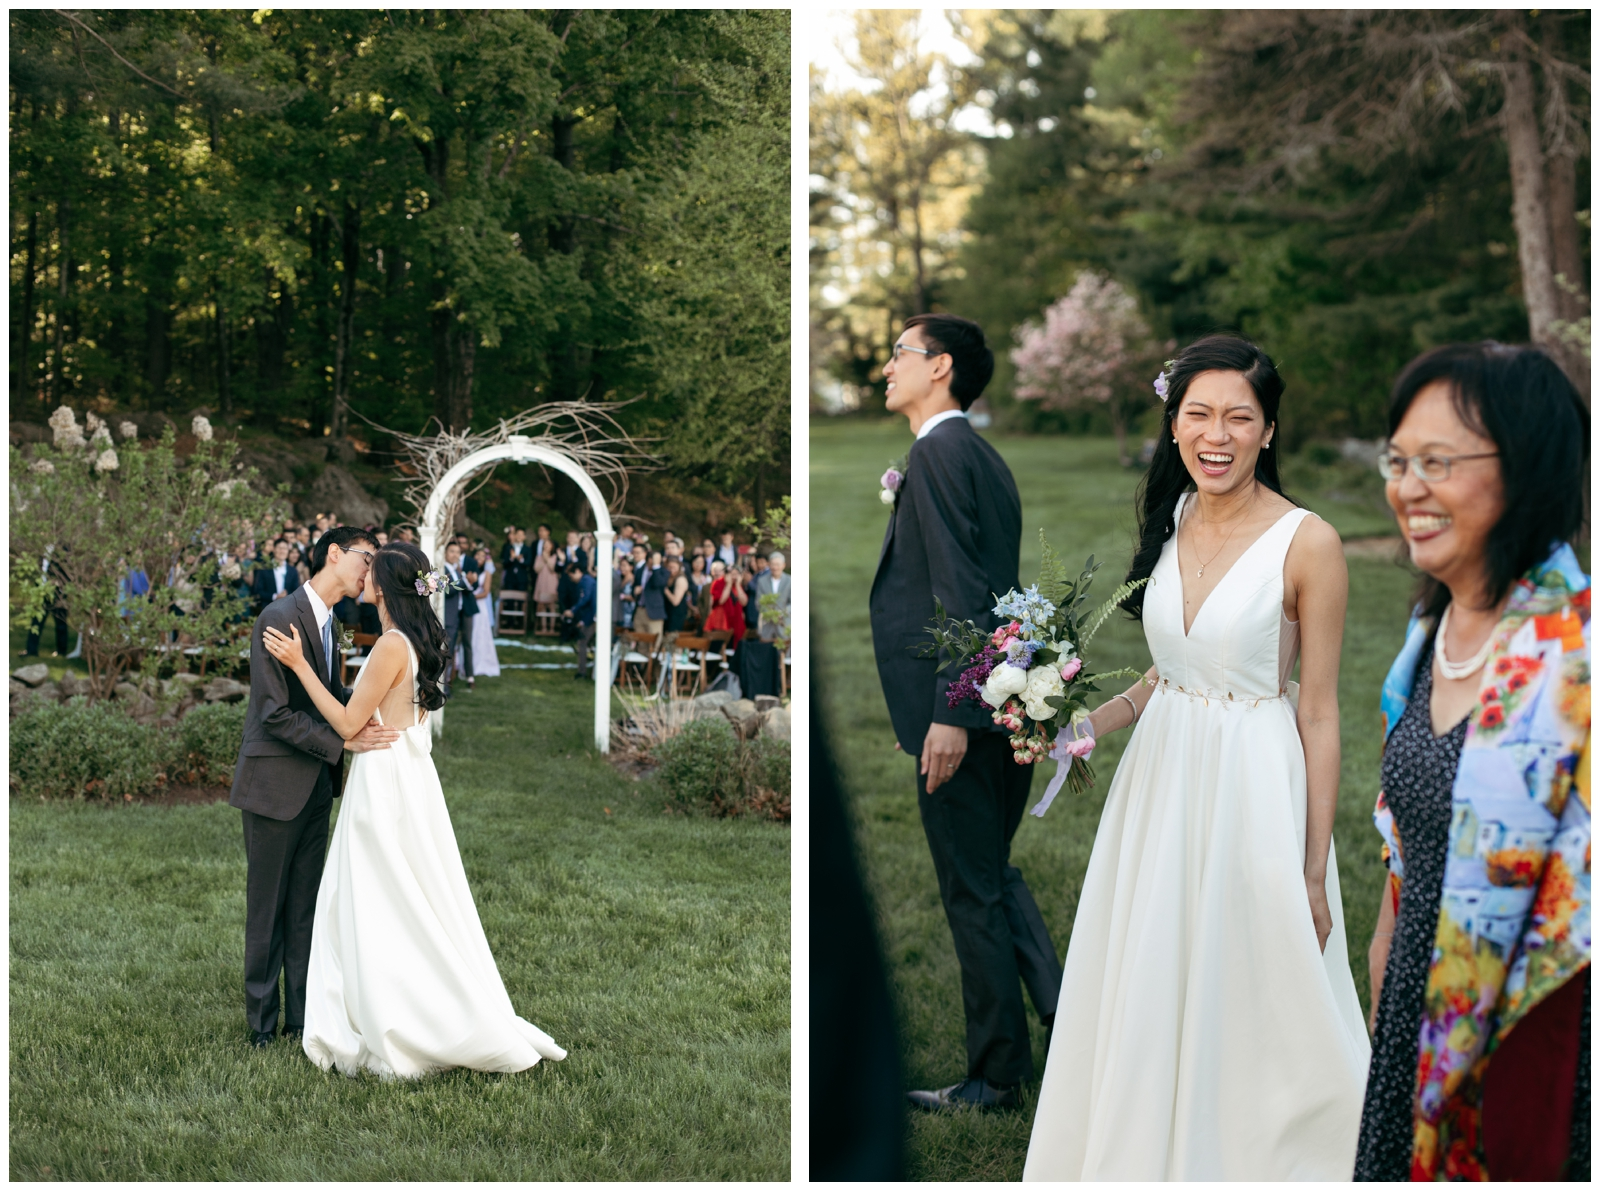 untraditional wedding venue Massachusetts